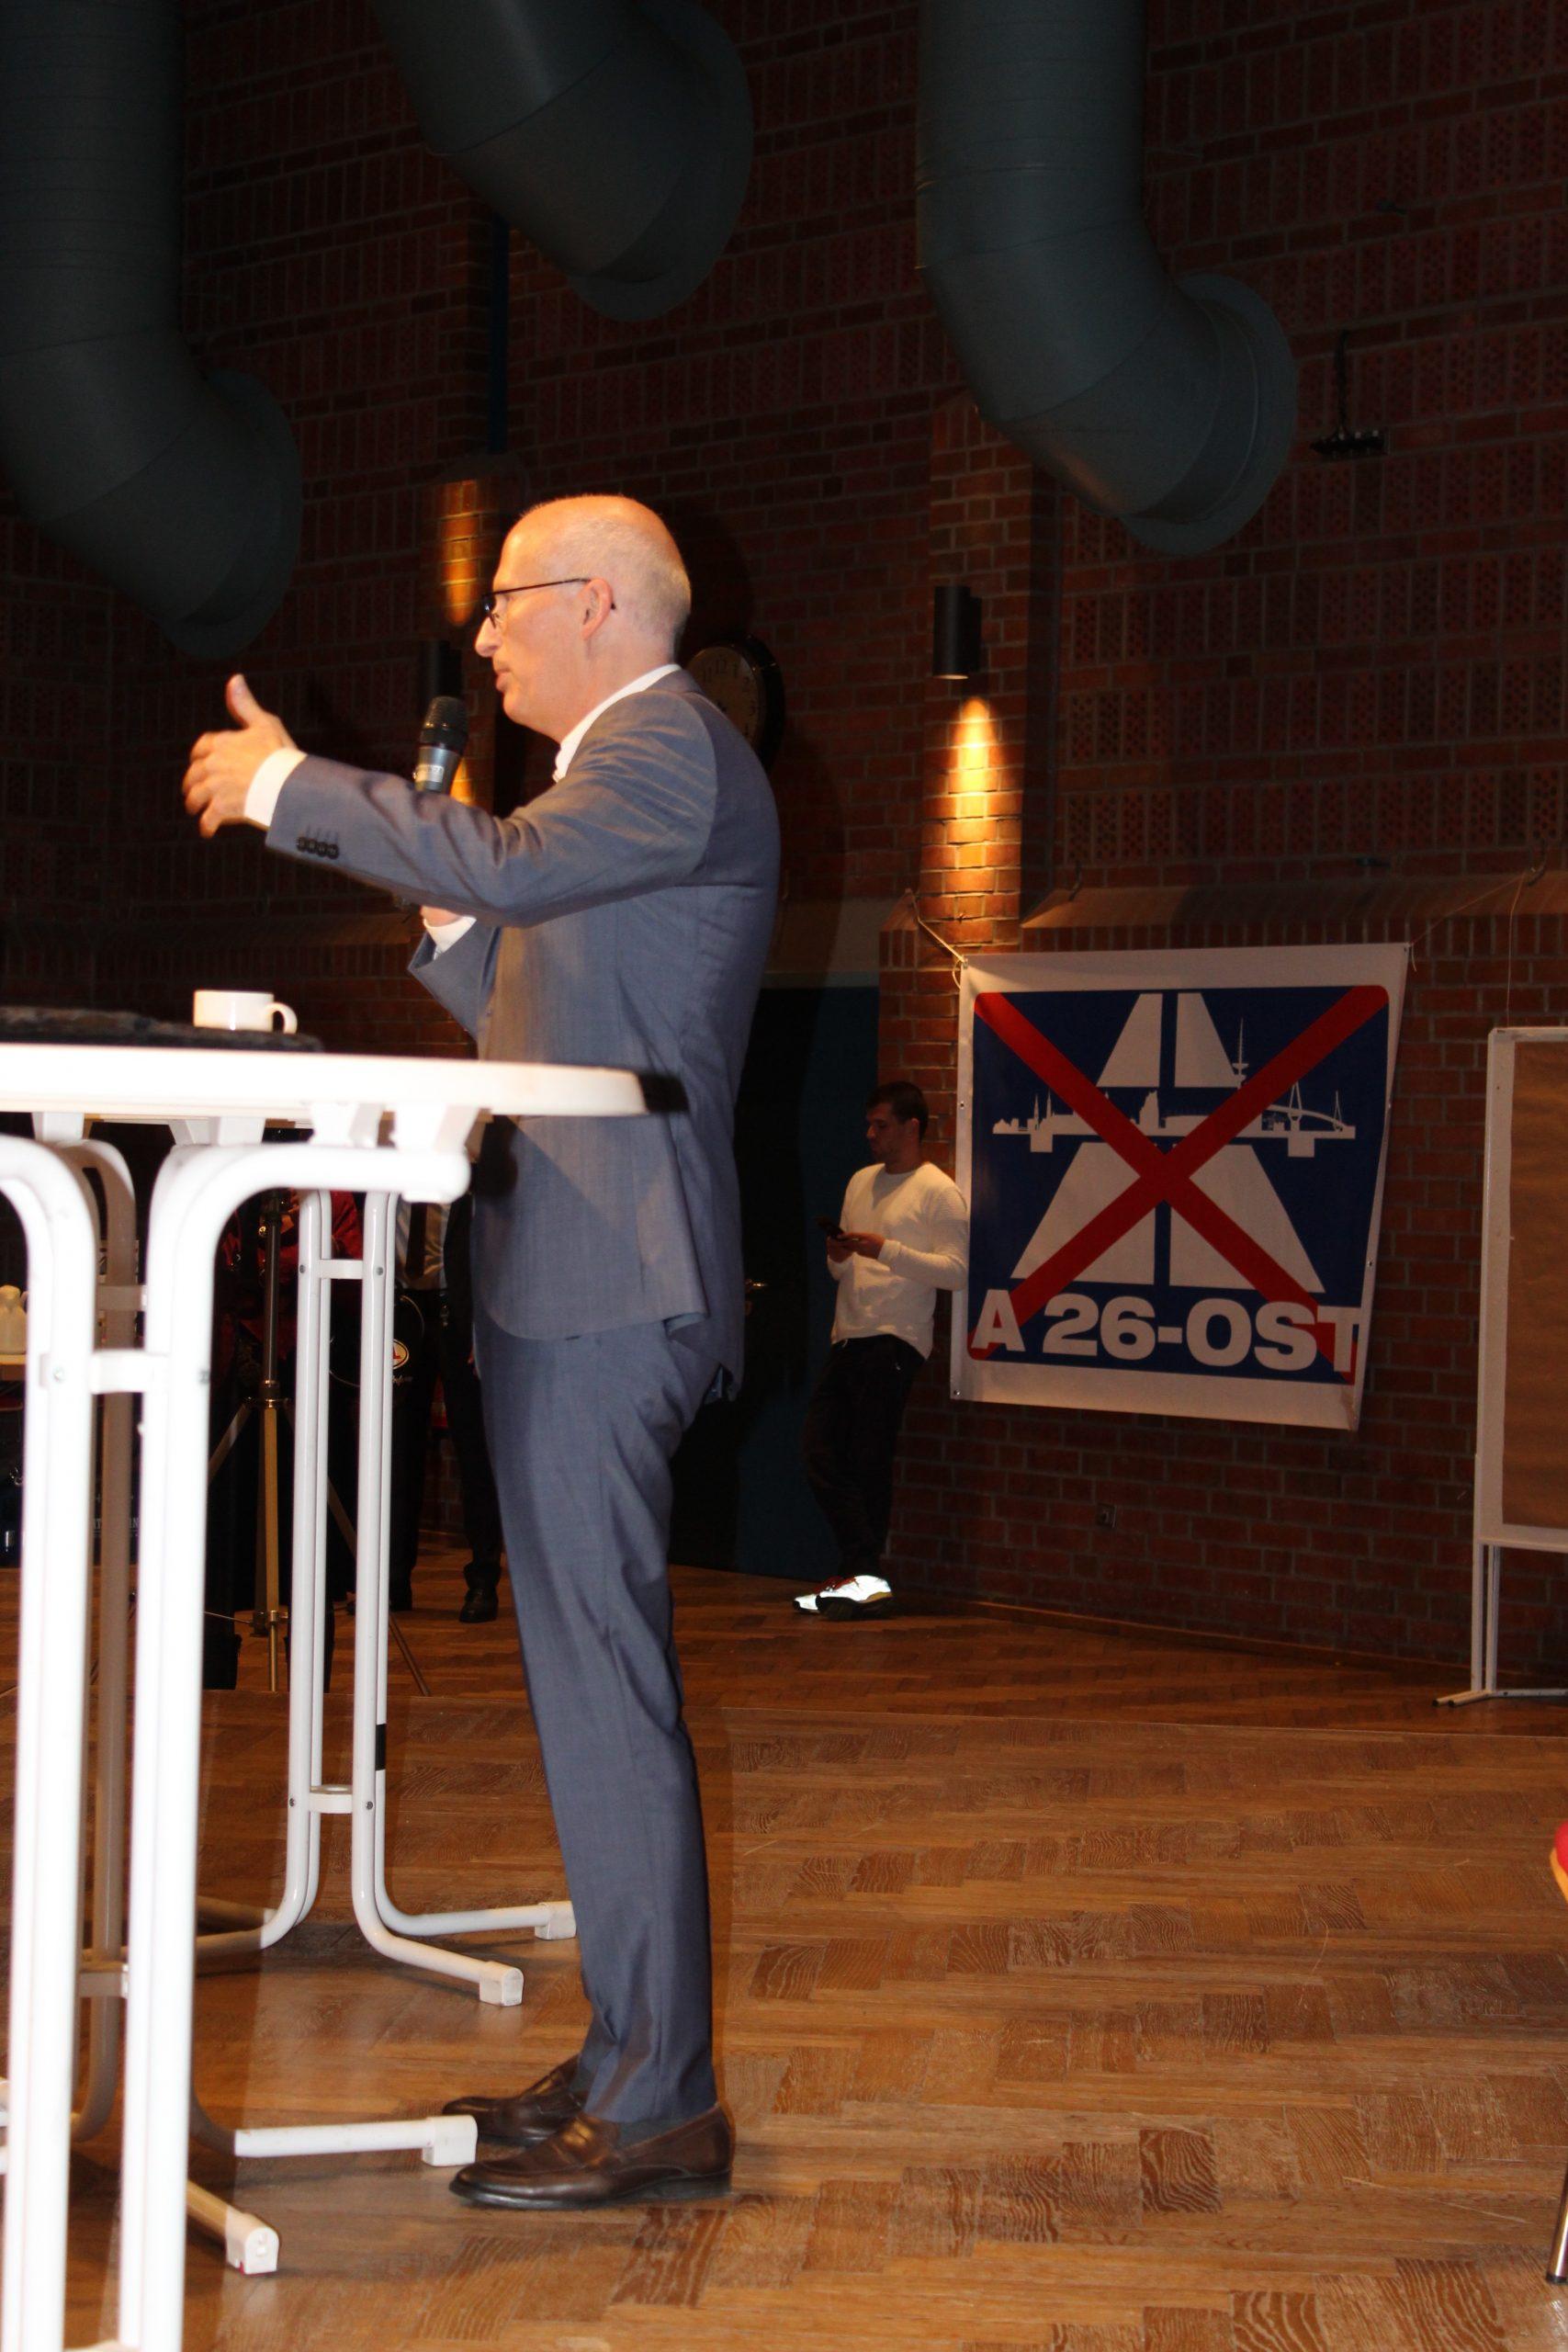 Hamburgs Erster Bürgermeister Peter Tschentscher beim Pegelstand Elbinsel im September vergangenen Jahres und eine eindeutige Botschaft seitens der Gegner der A 26 Ost im Hintergrund. Foto: au